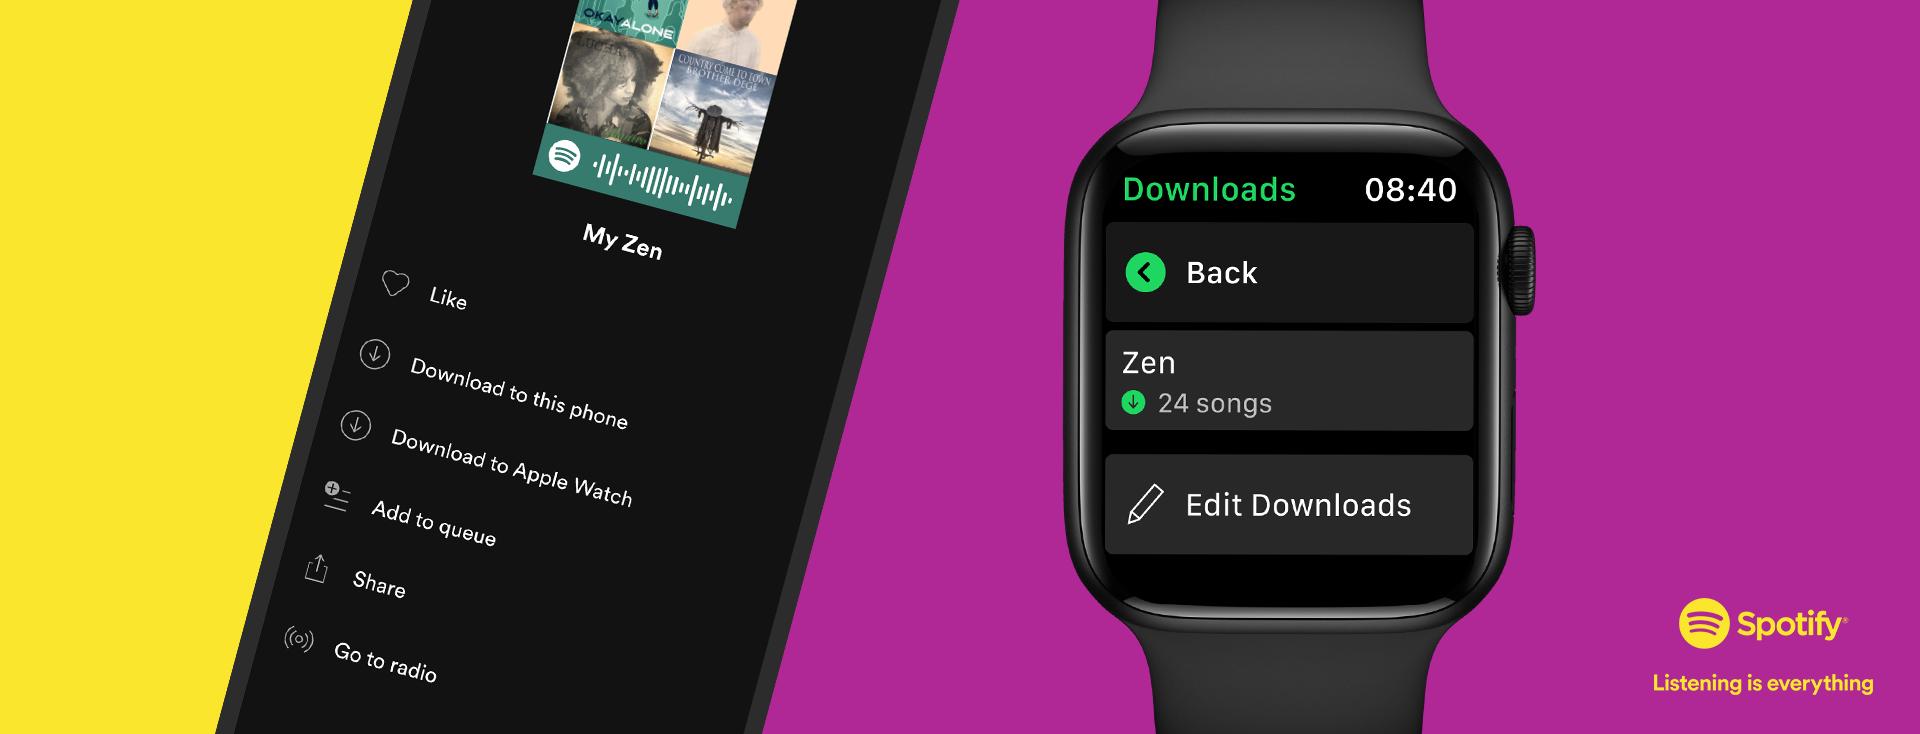 Apple Watch Spotify offline